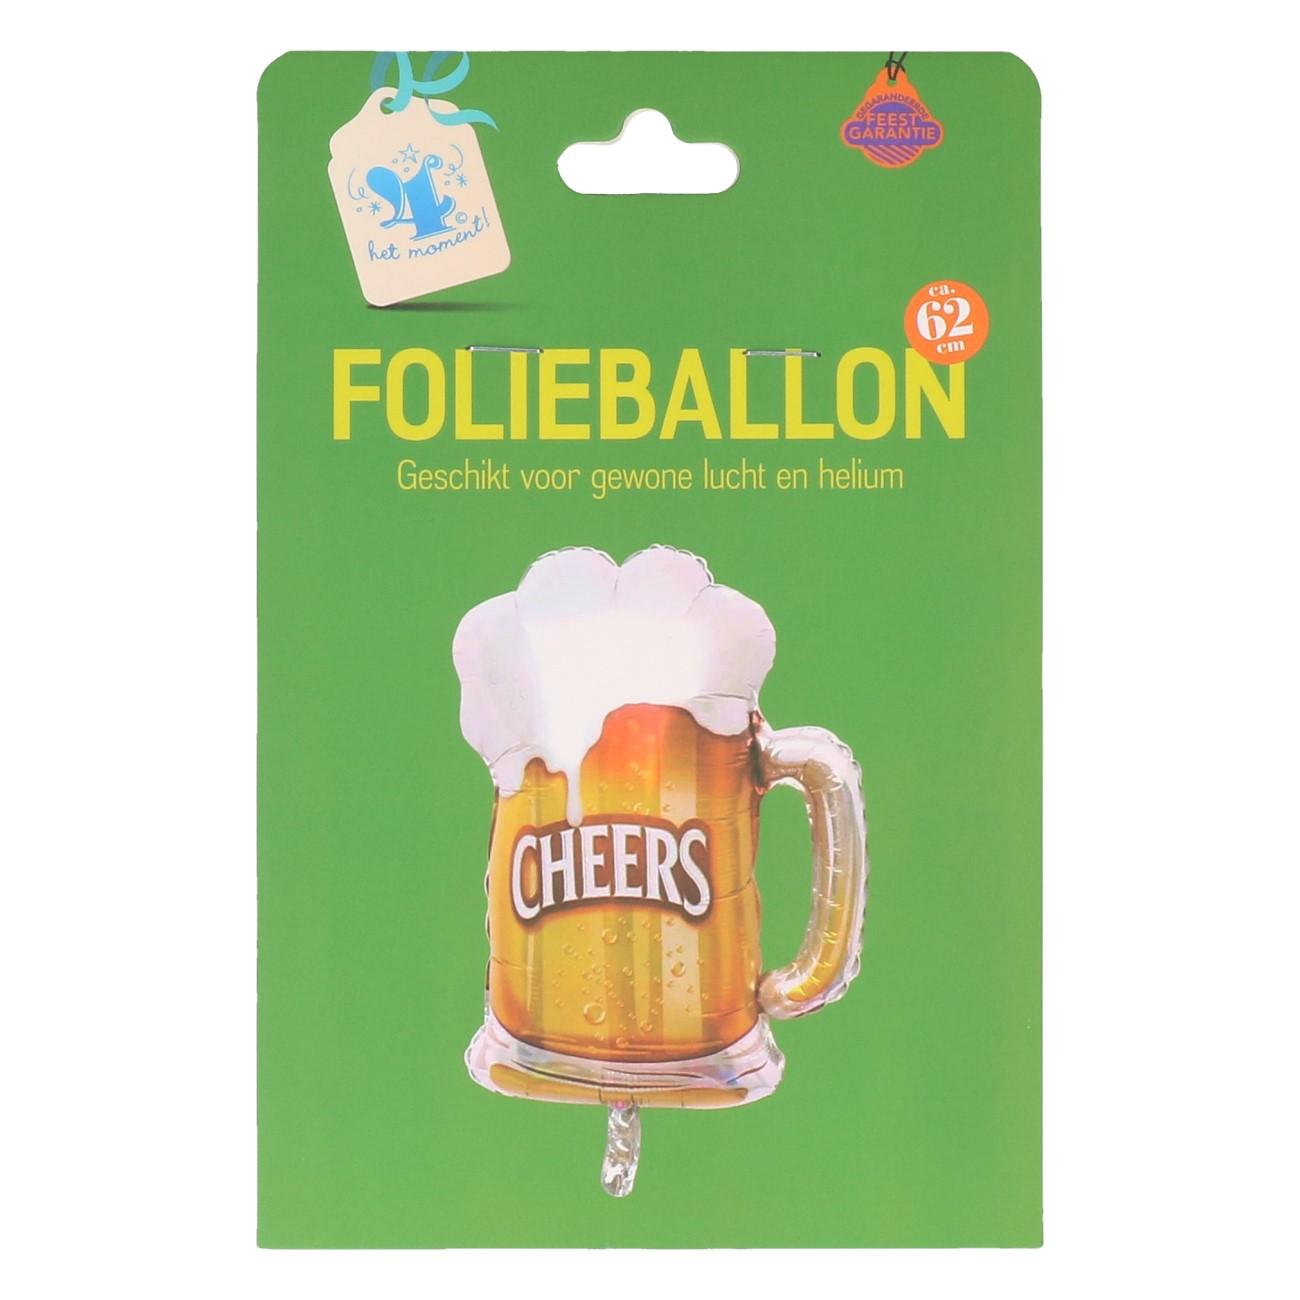 Folieballon bierglas